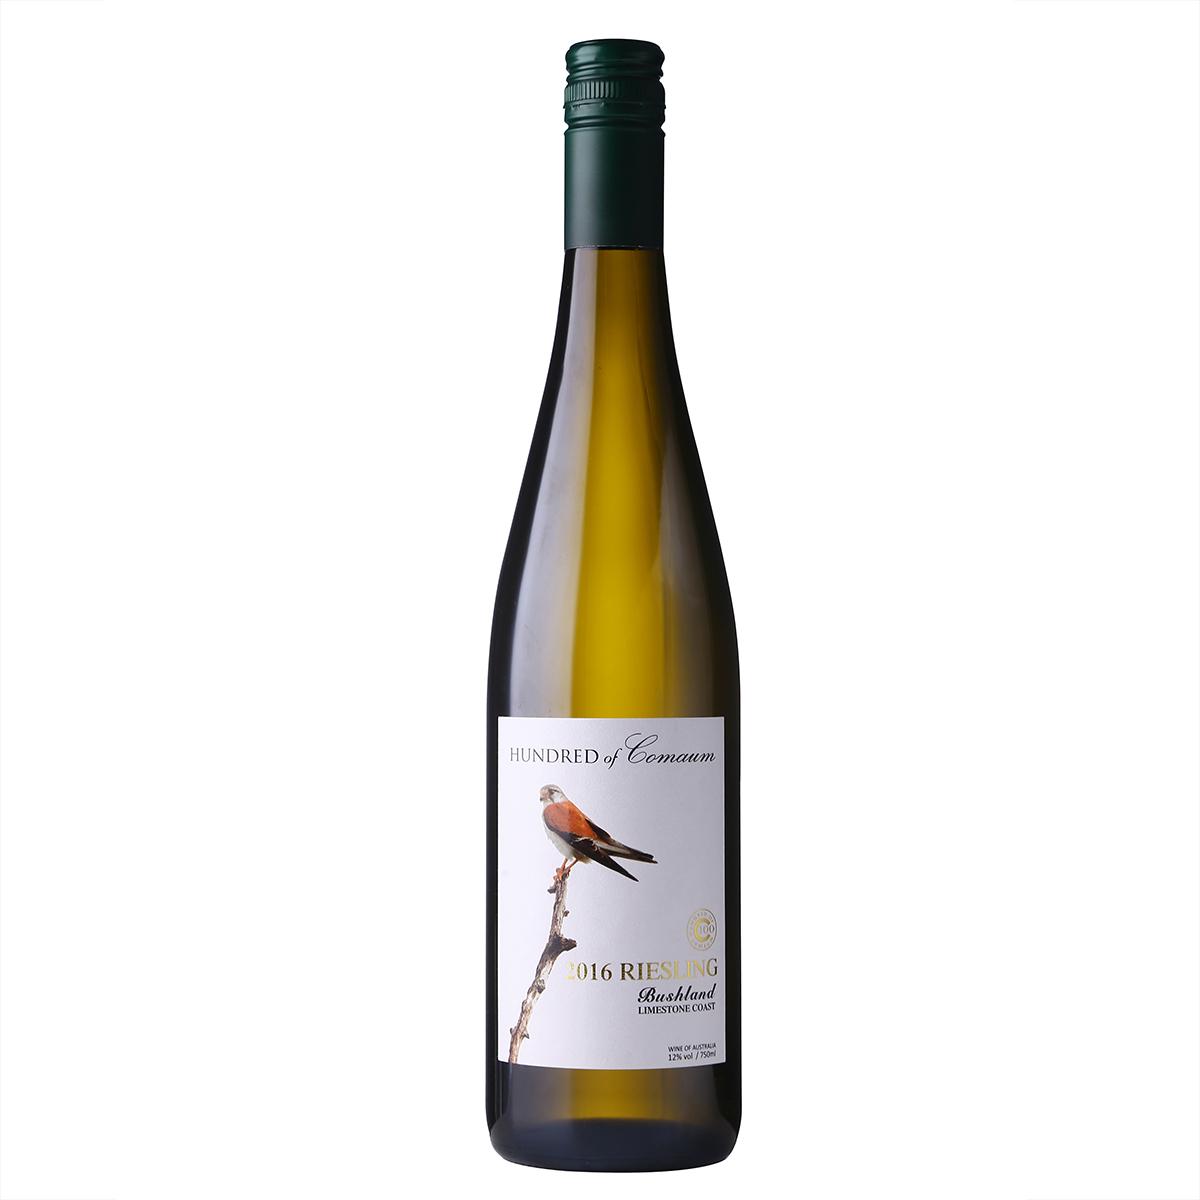 澳大利亚古口一百号酒业集团丛林系列 2016雷司令白葡萄酒